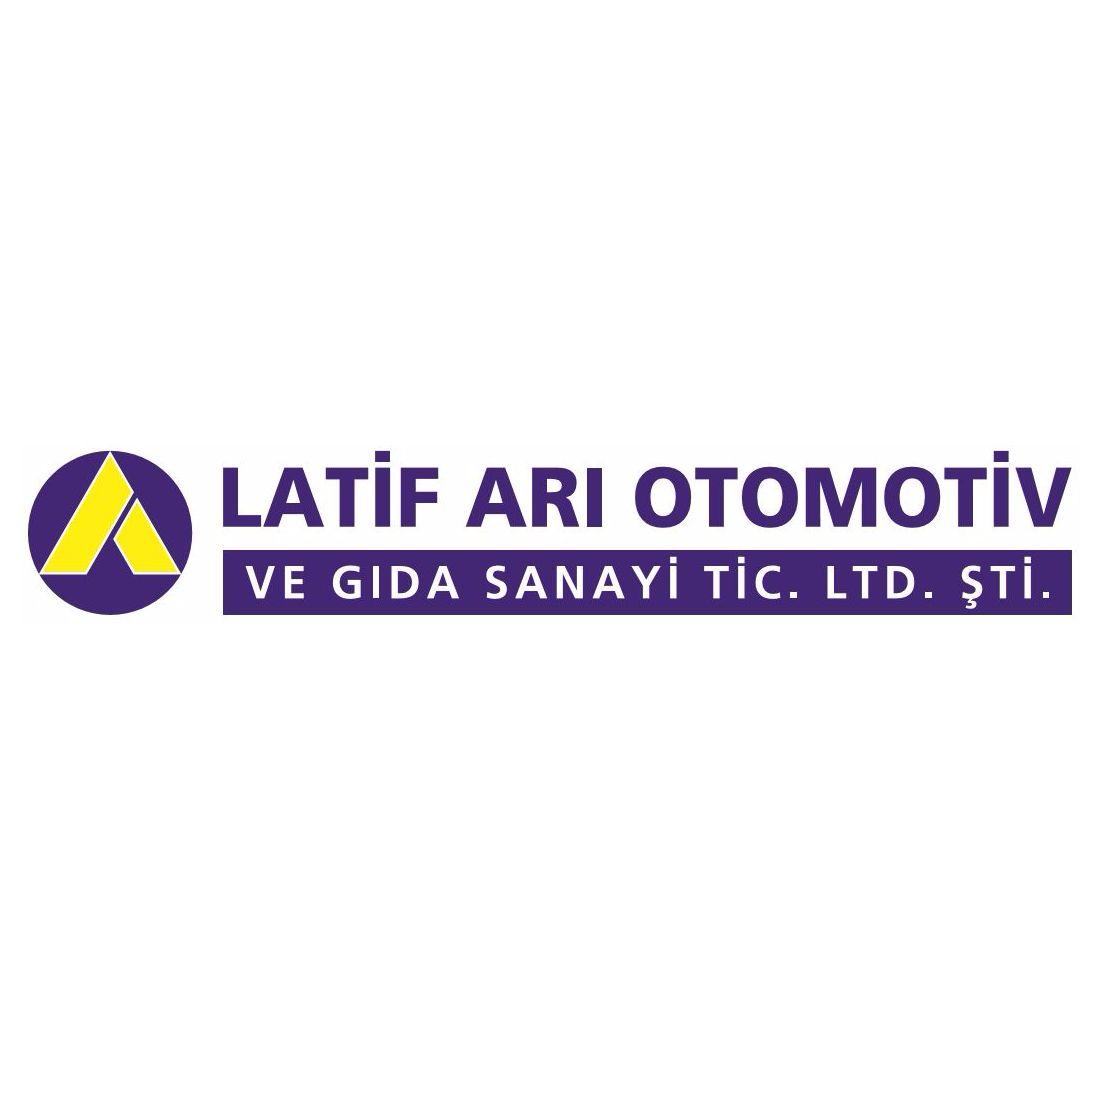 Latif Arı Otomotiv ve Gıda San Tic Ltd Şti